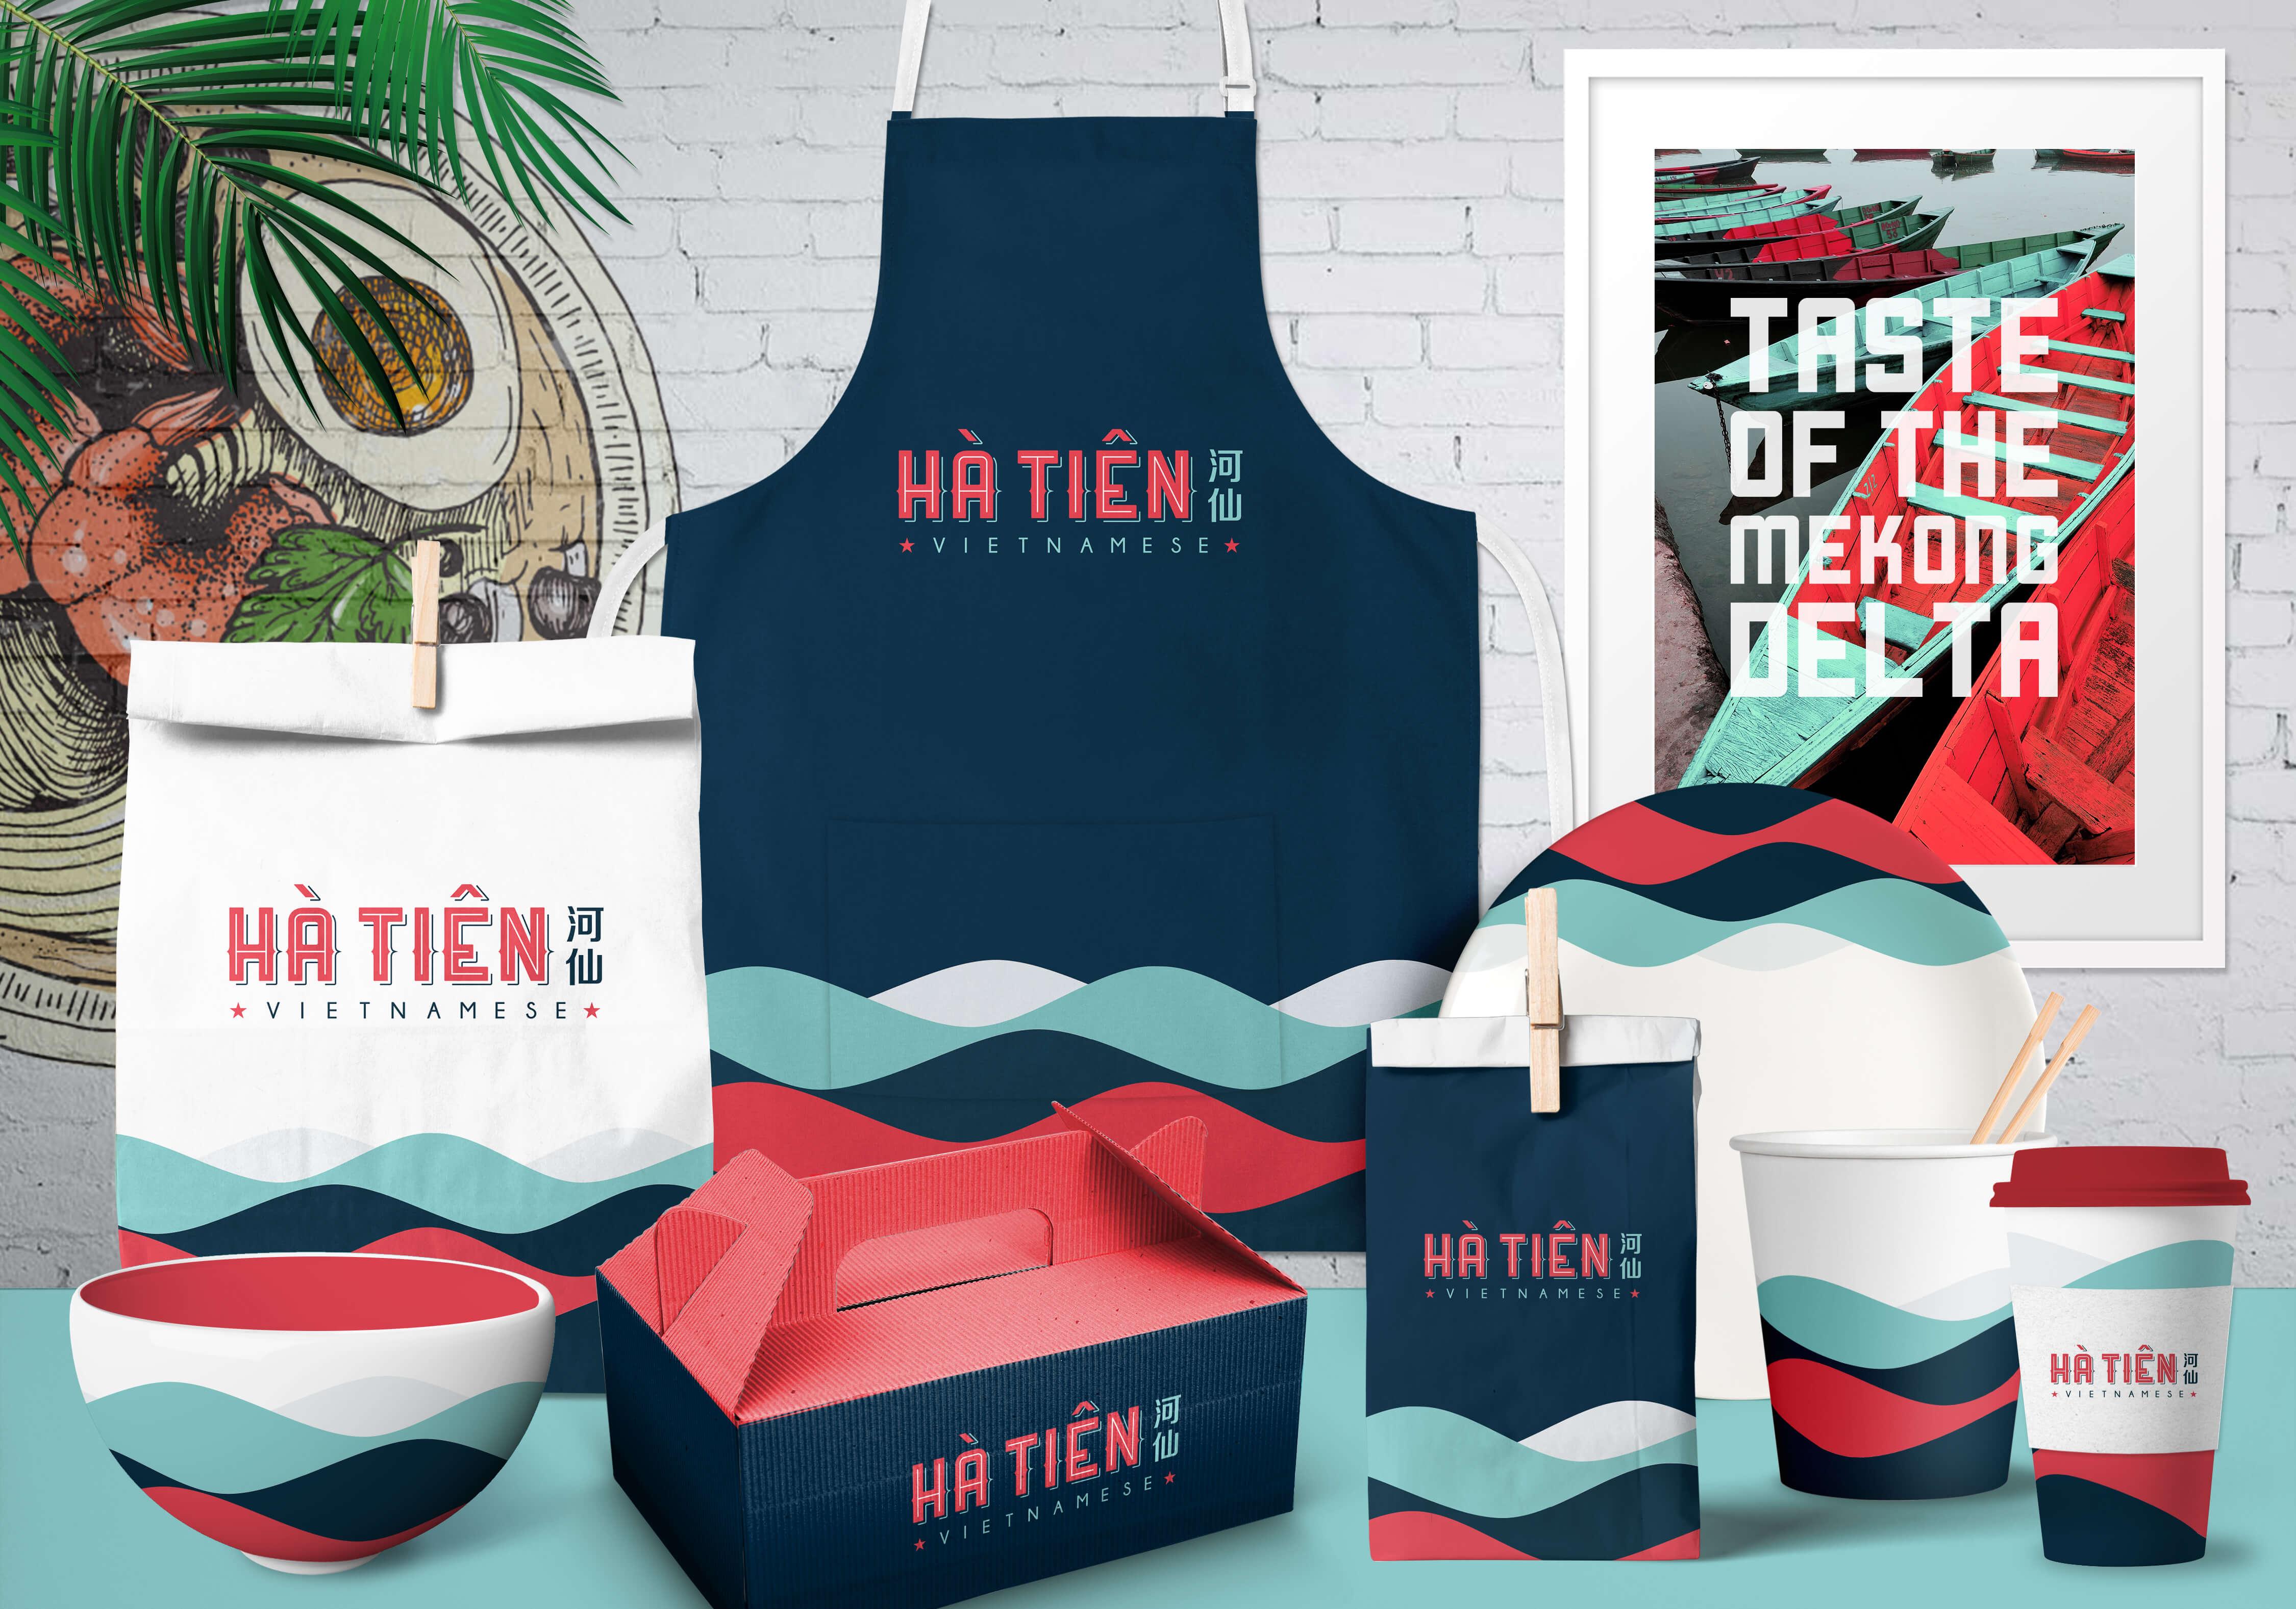 HaTien Restaurant